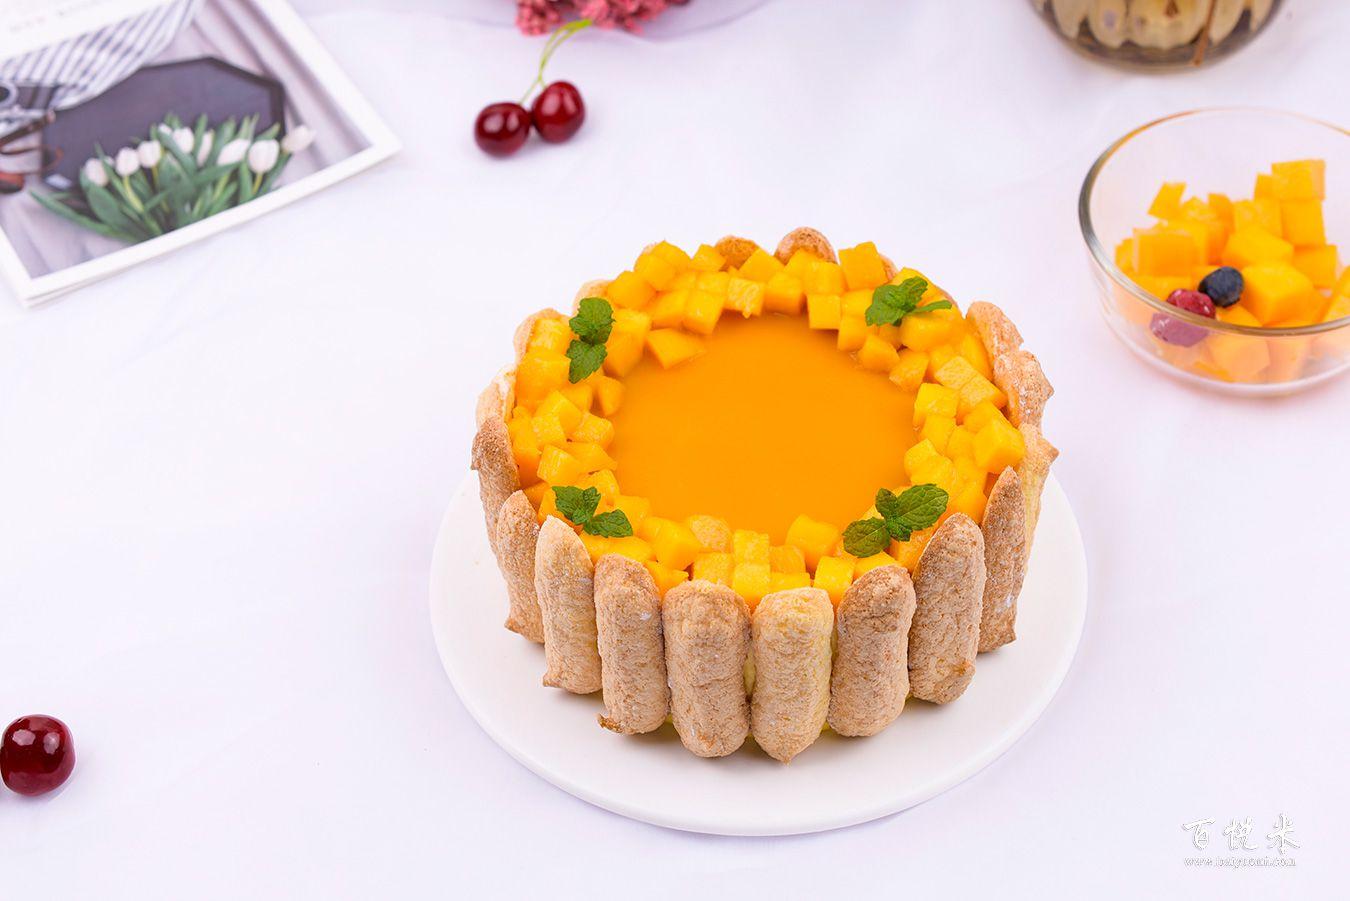 芒果夏洛特蛋糕高清图片大全【蛋糕图片】_466